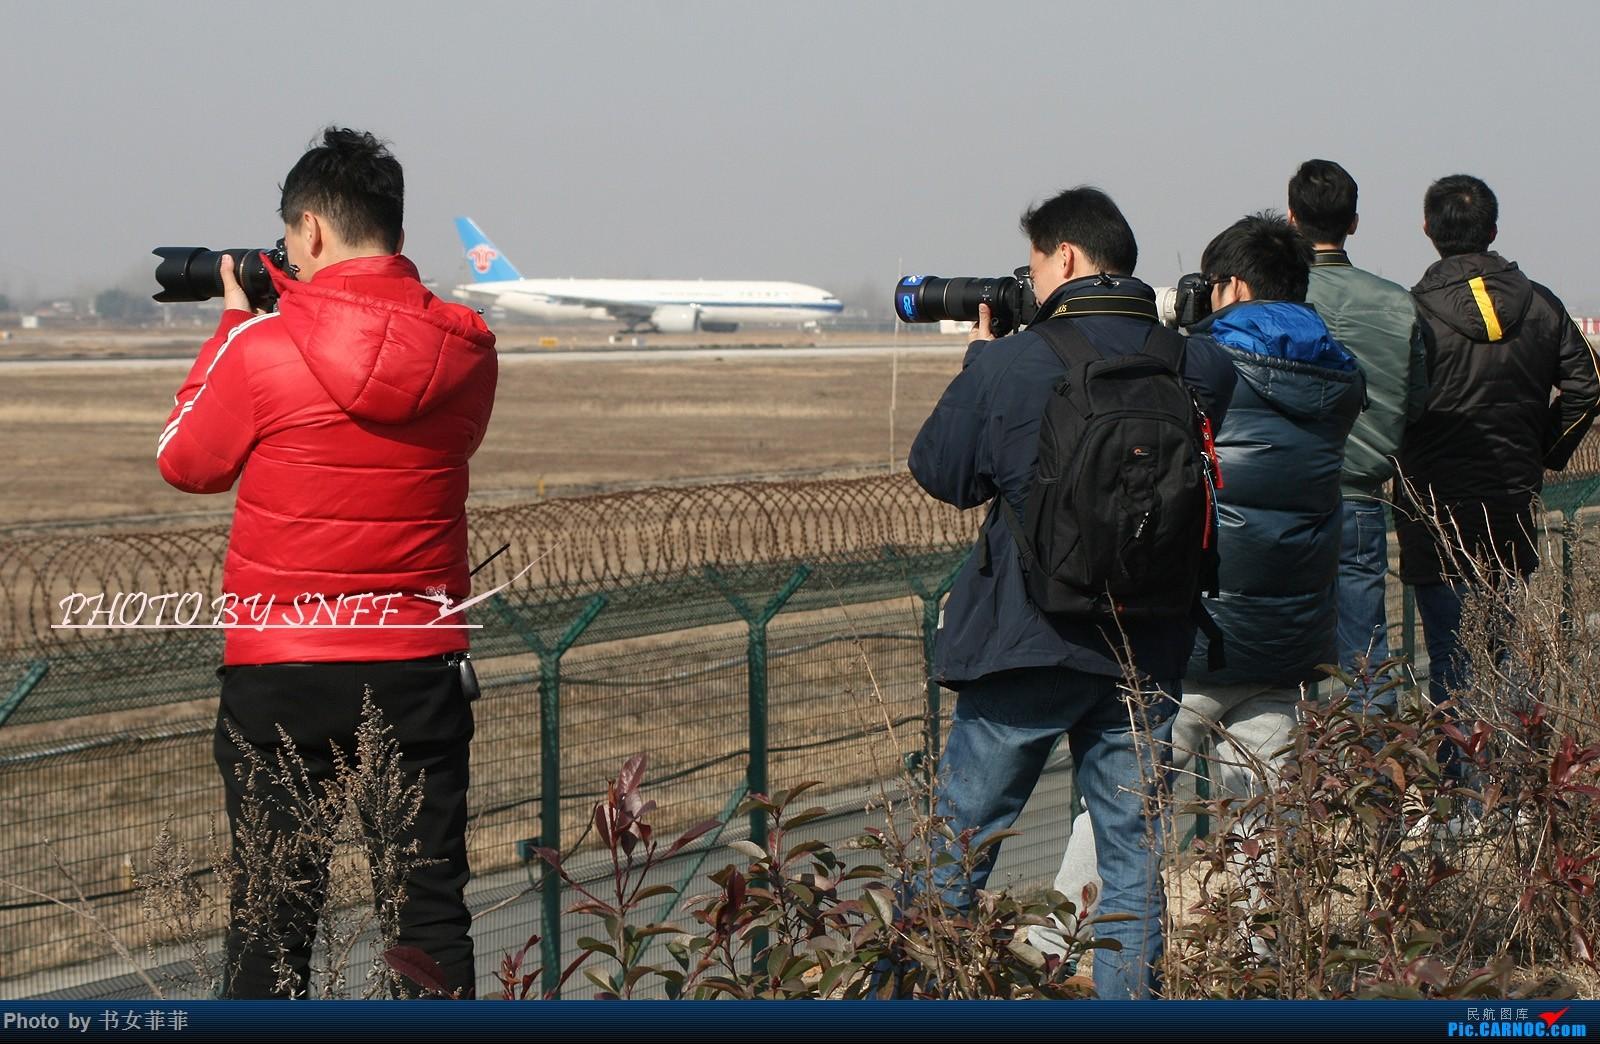 【合肥飞友会·霸都打机队】2016-17年会拍机—第一次新桥拍飞机就有大飞机